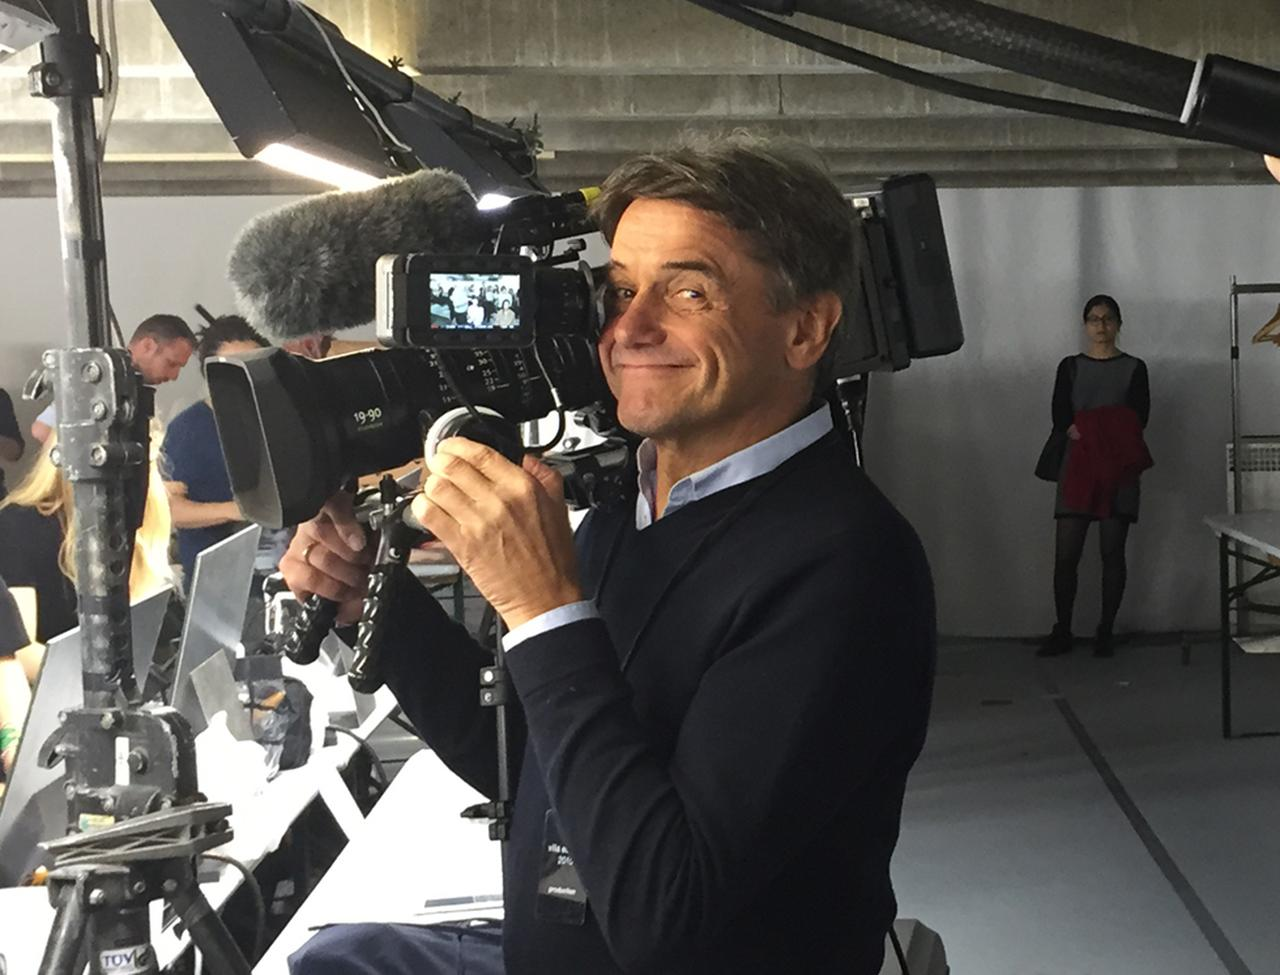 Images : 1番目の画像 - 「孤高のデザイナー、 ドリス・ヴァン・ノッテンを 撮った監督にインタビュー」のアルバム - T JAPAN:The New York Times Style Magazine 公式サイト